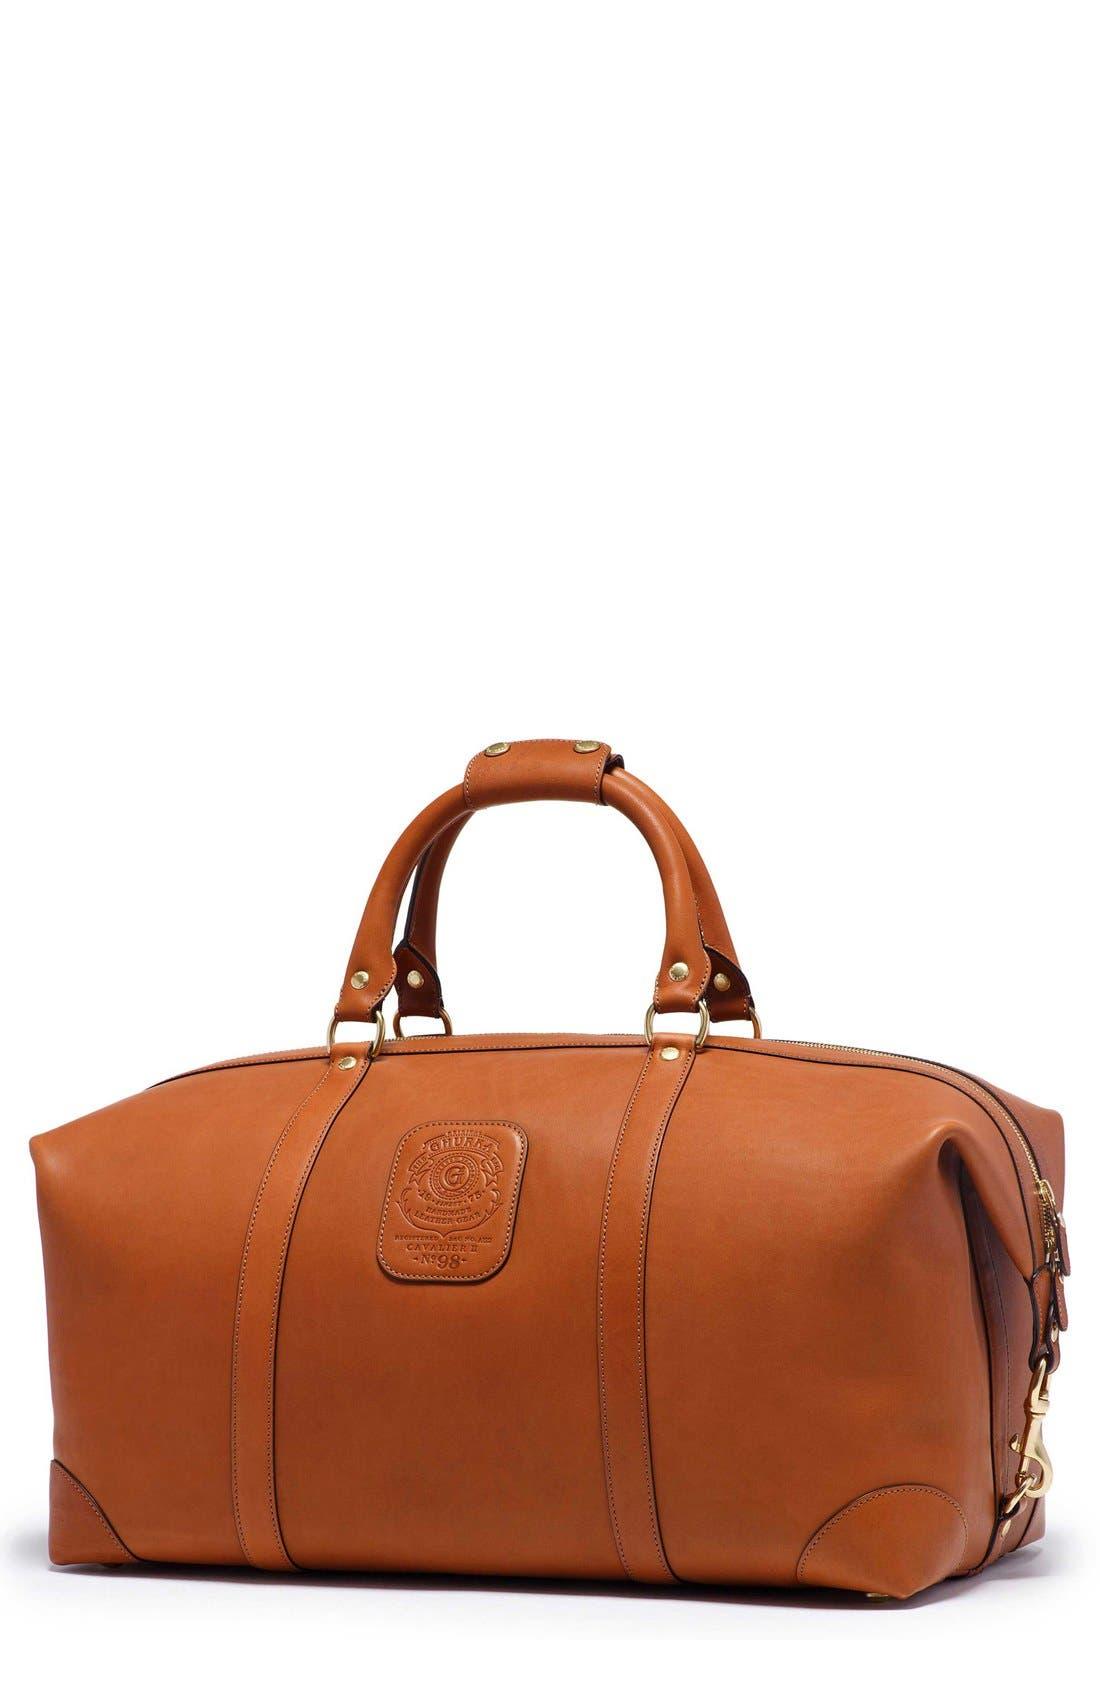 Ghurka 'Cavalier III' Leather Duffel Bag